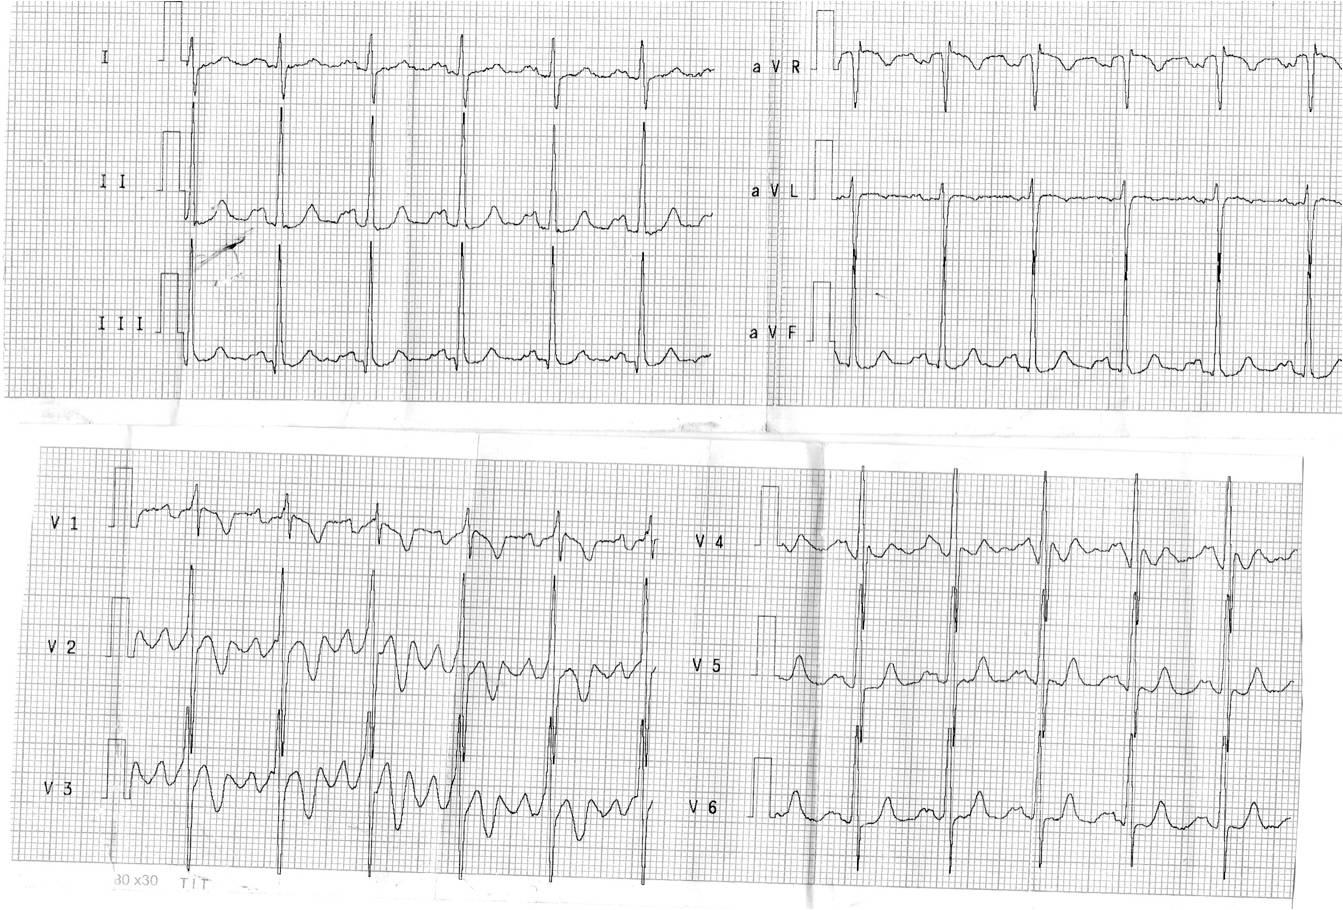 imagem20 Desafio de ECG   qual o diagnóstico?